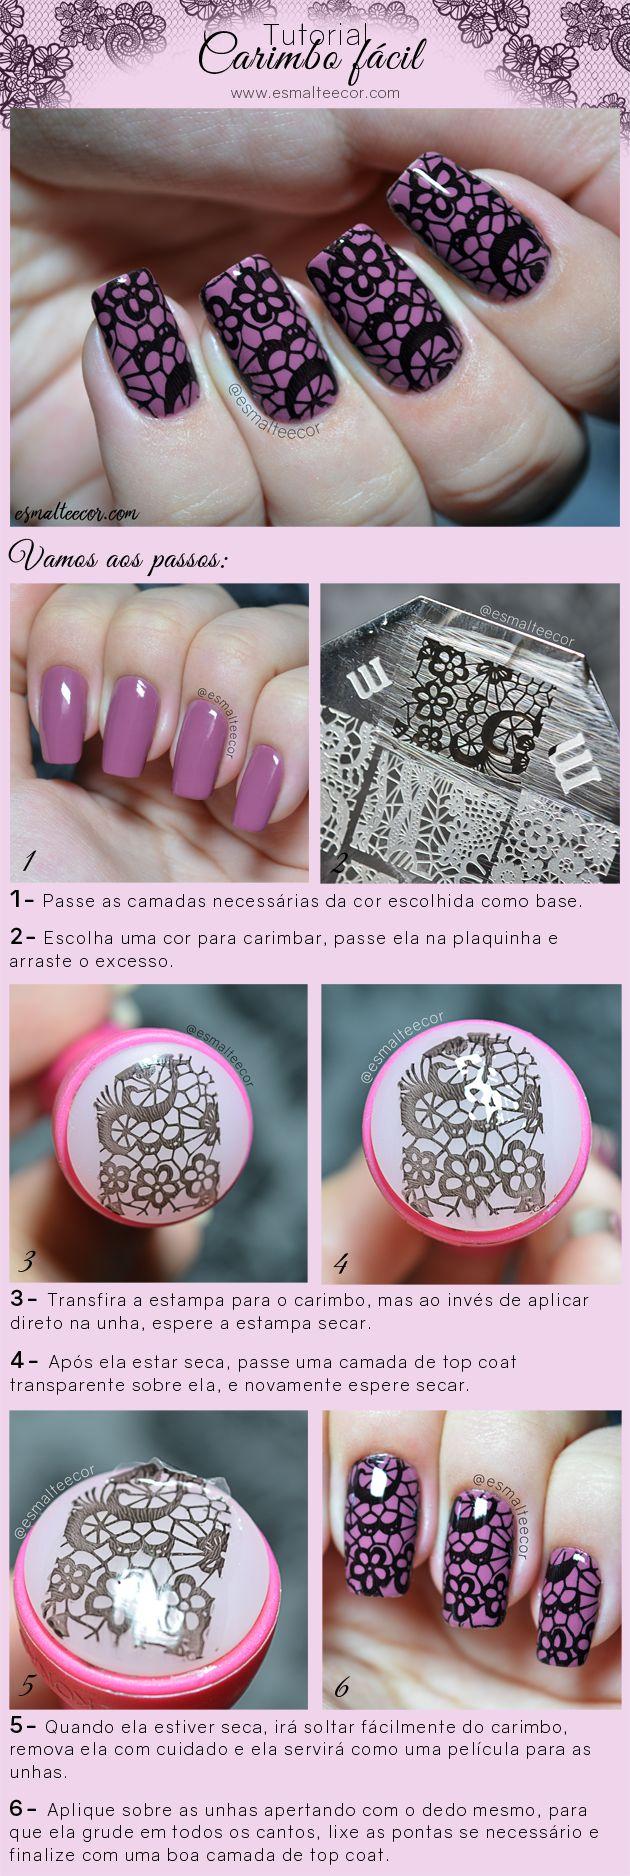 tutorial nail art carimbo